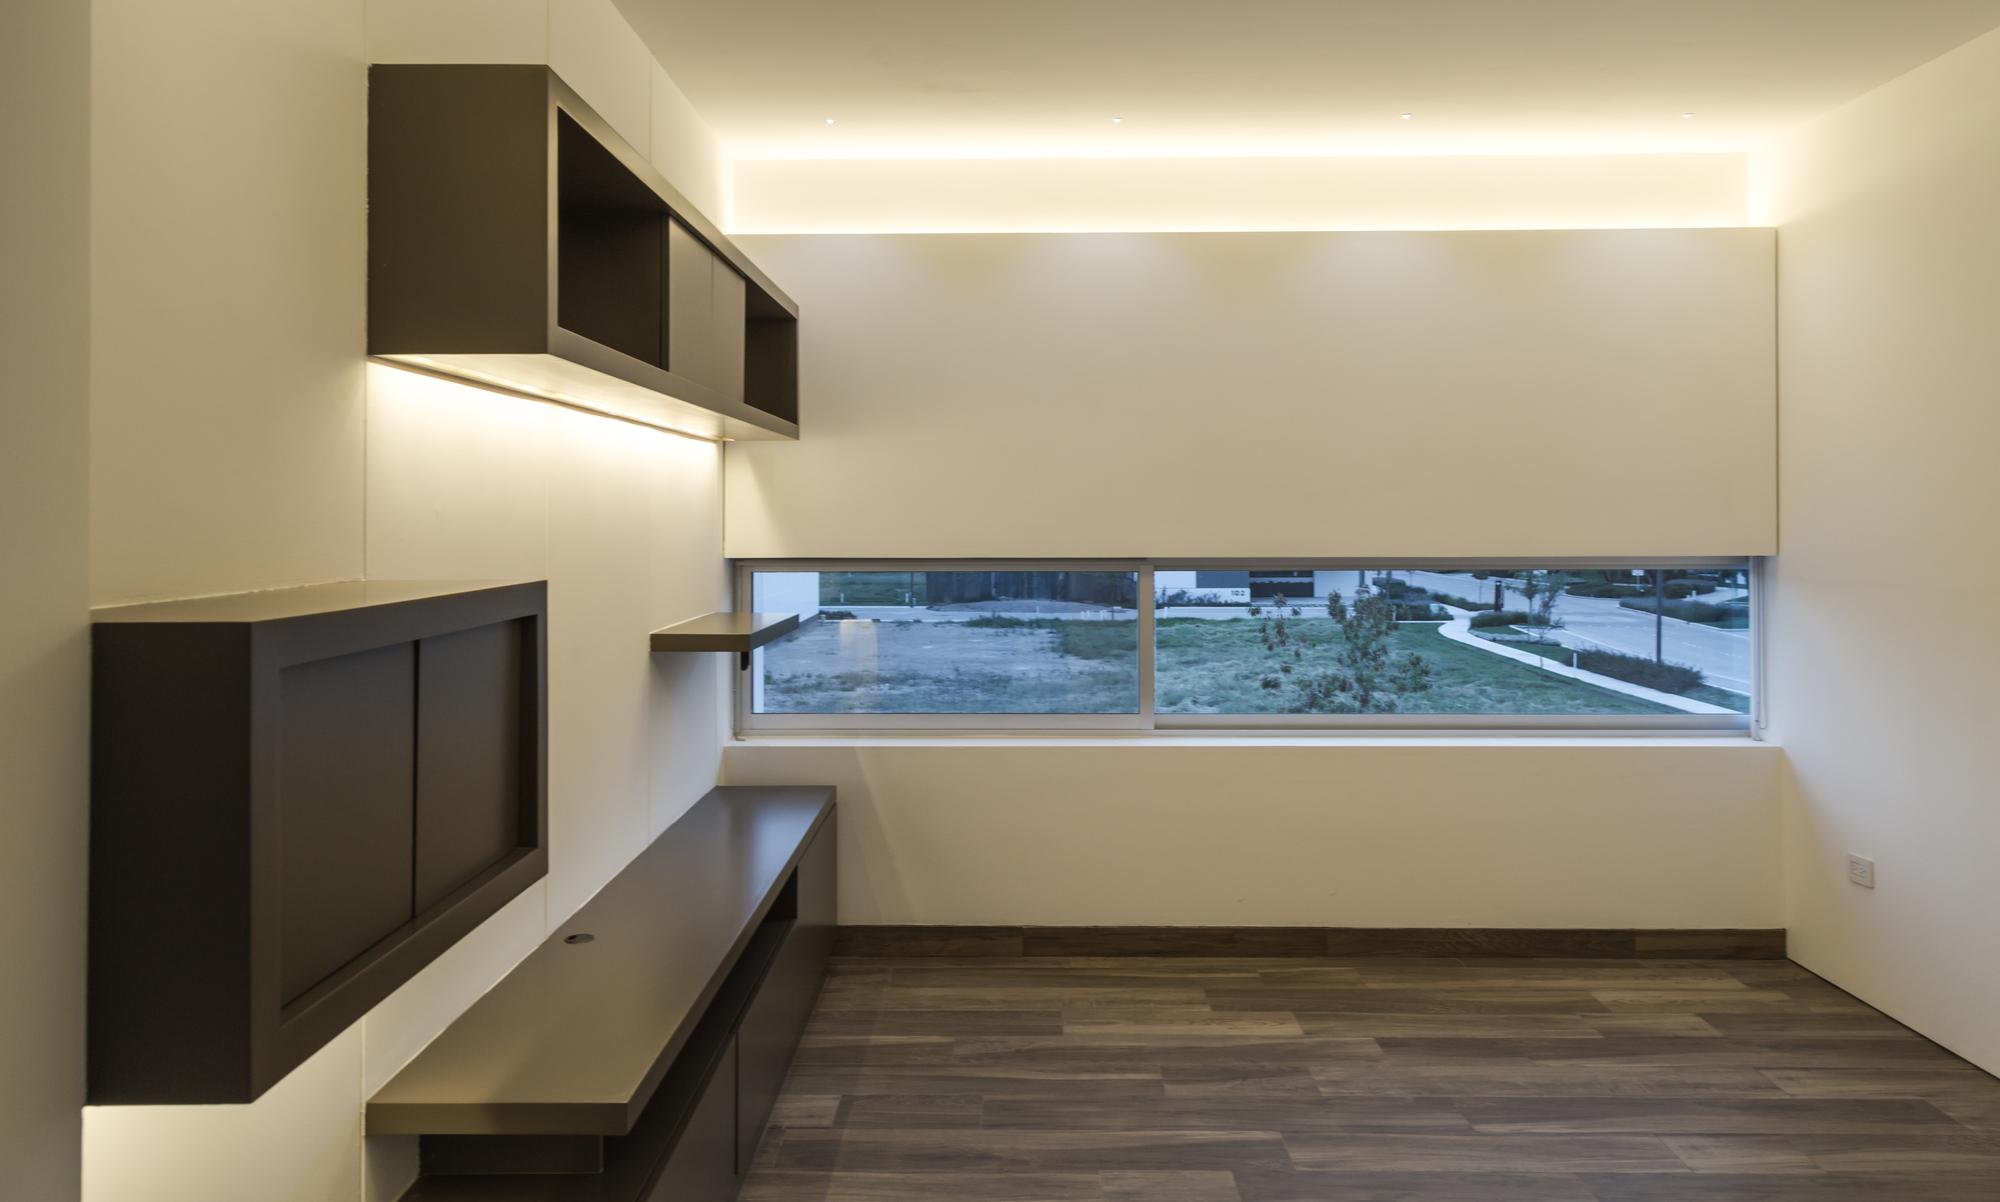 Galer a de casa r p adi arquitectura y dise o interior 14 for Arquitectura y diseno interior